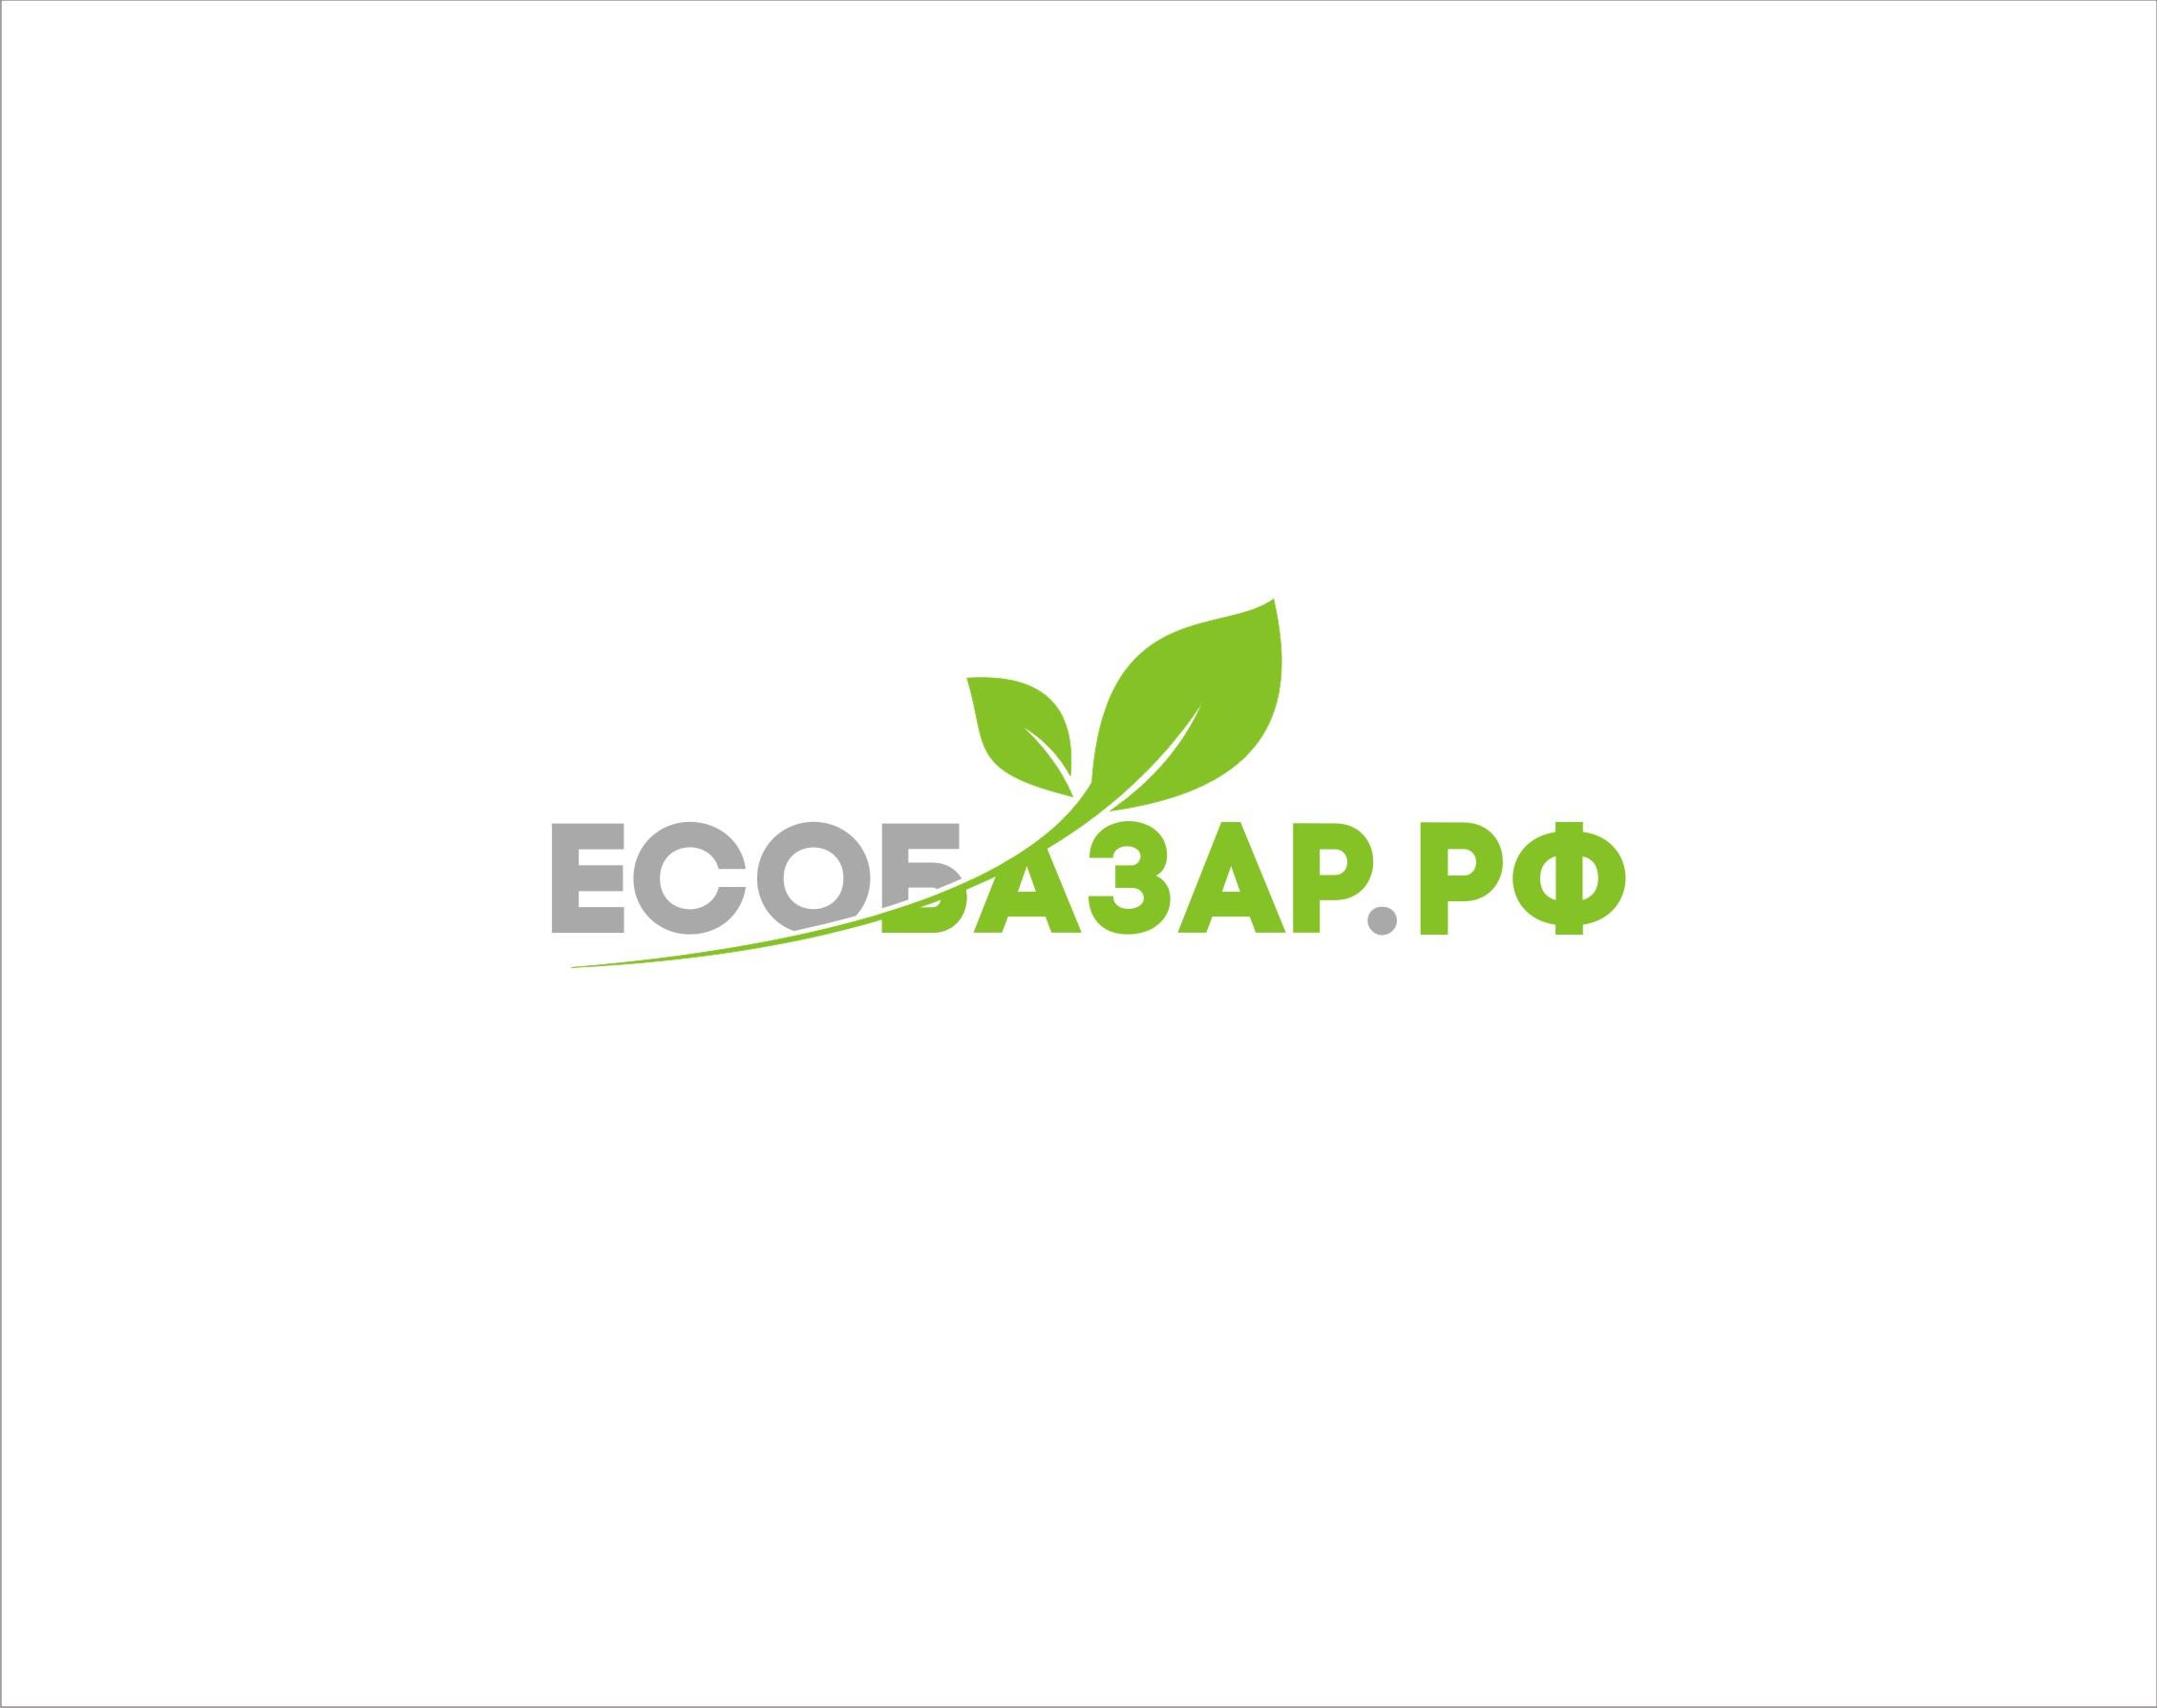 Логотип компании натуральных (фермерских) продуктов фото f_661594139c04c5e7.jpg